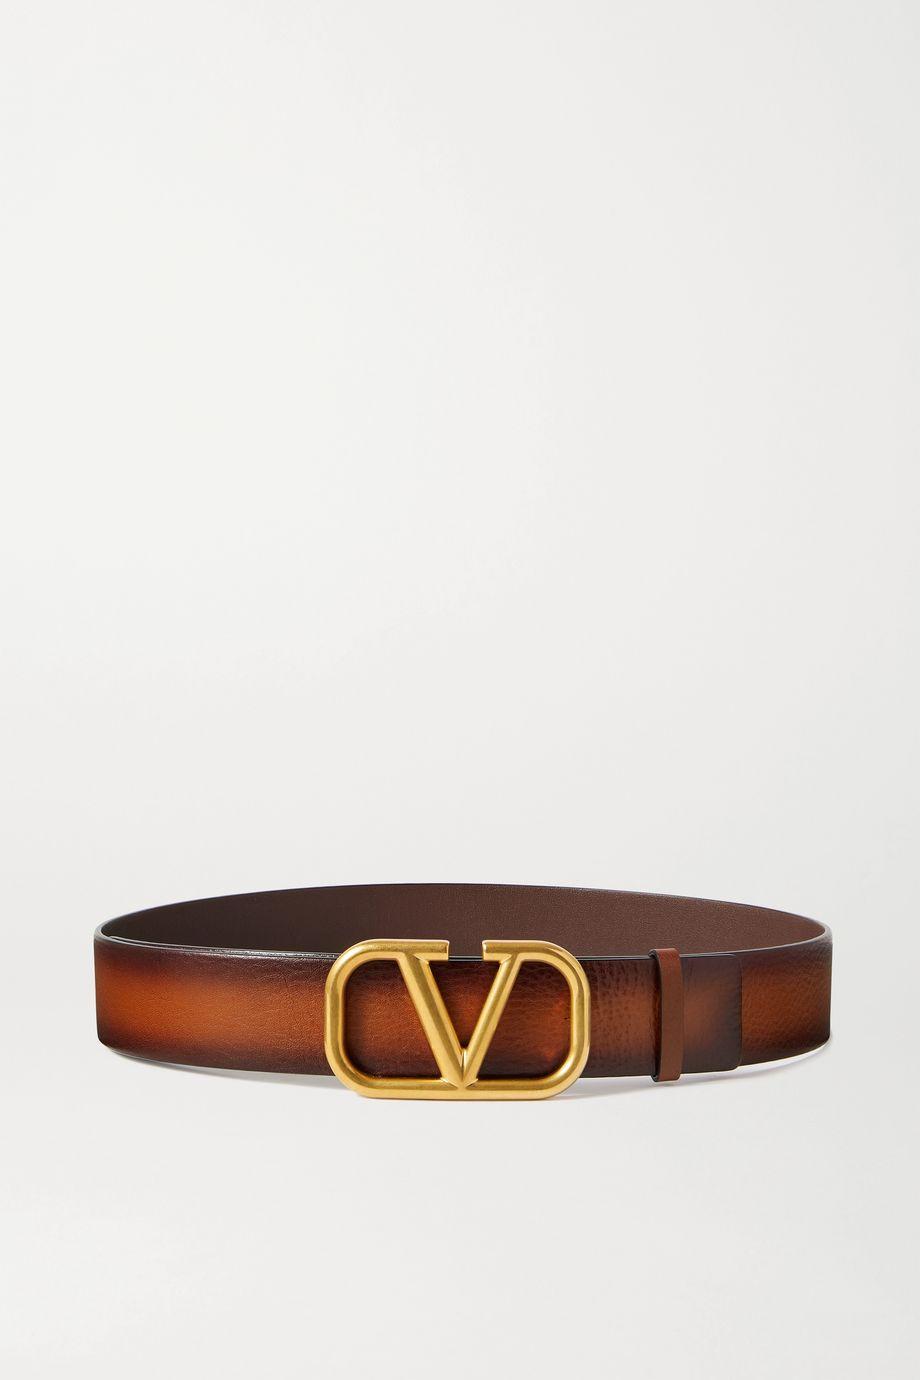 Valentino Ceinture en cuir VLOGO Valentino Garavani